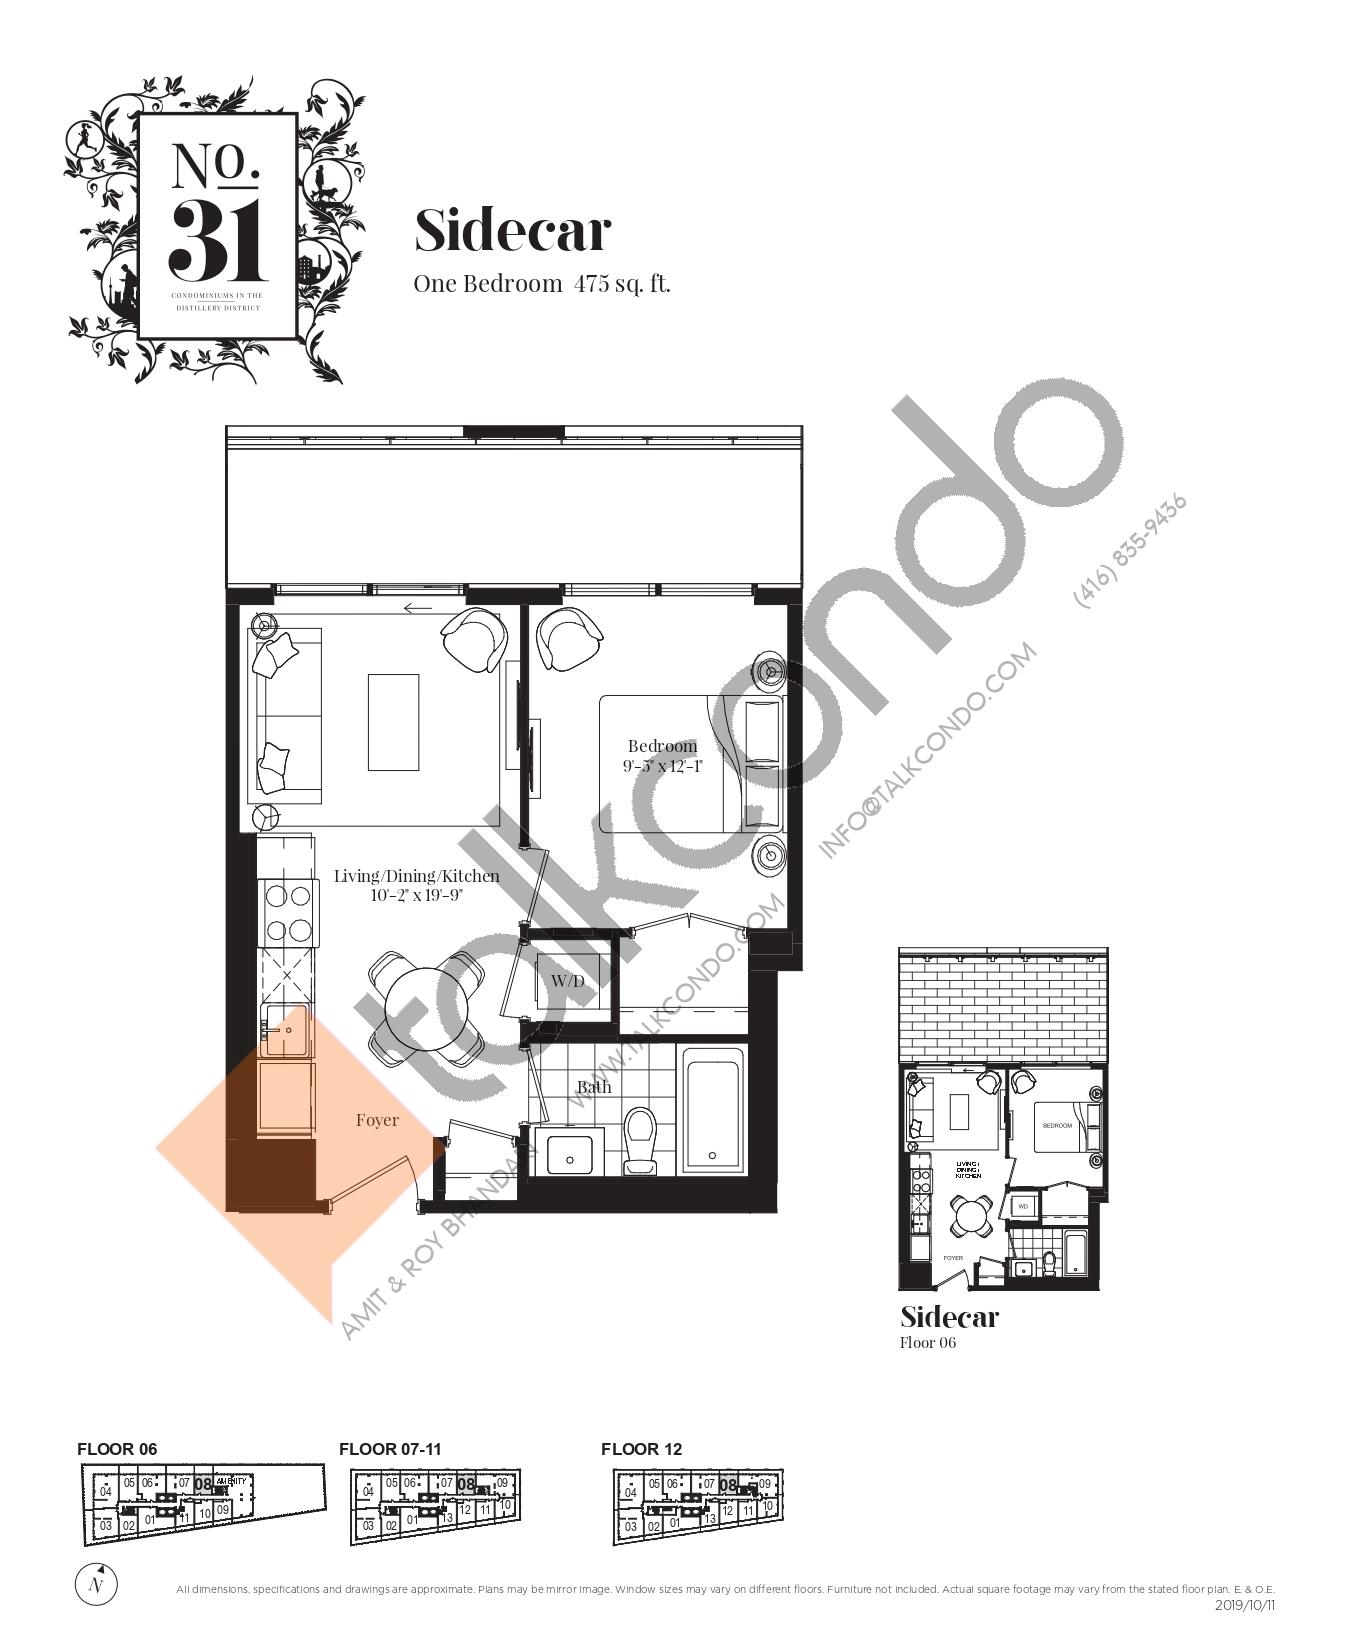 Sidecar Floor Plan at No. 31 Condos - 475 sq.ft